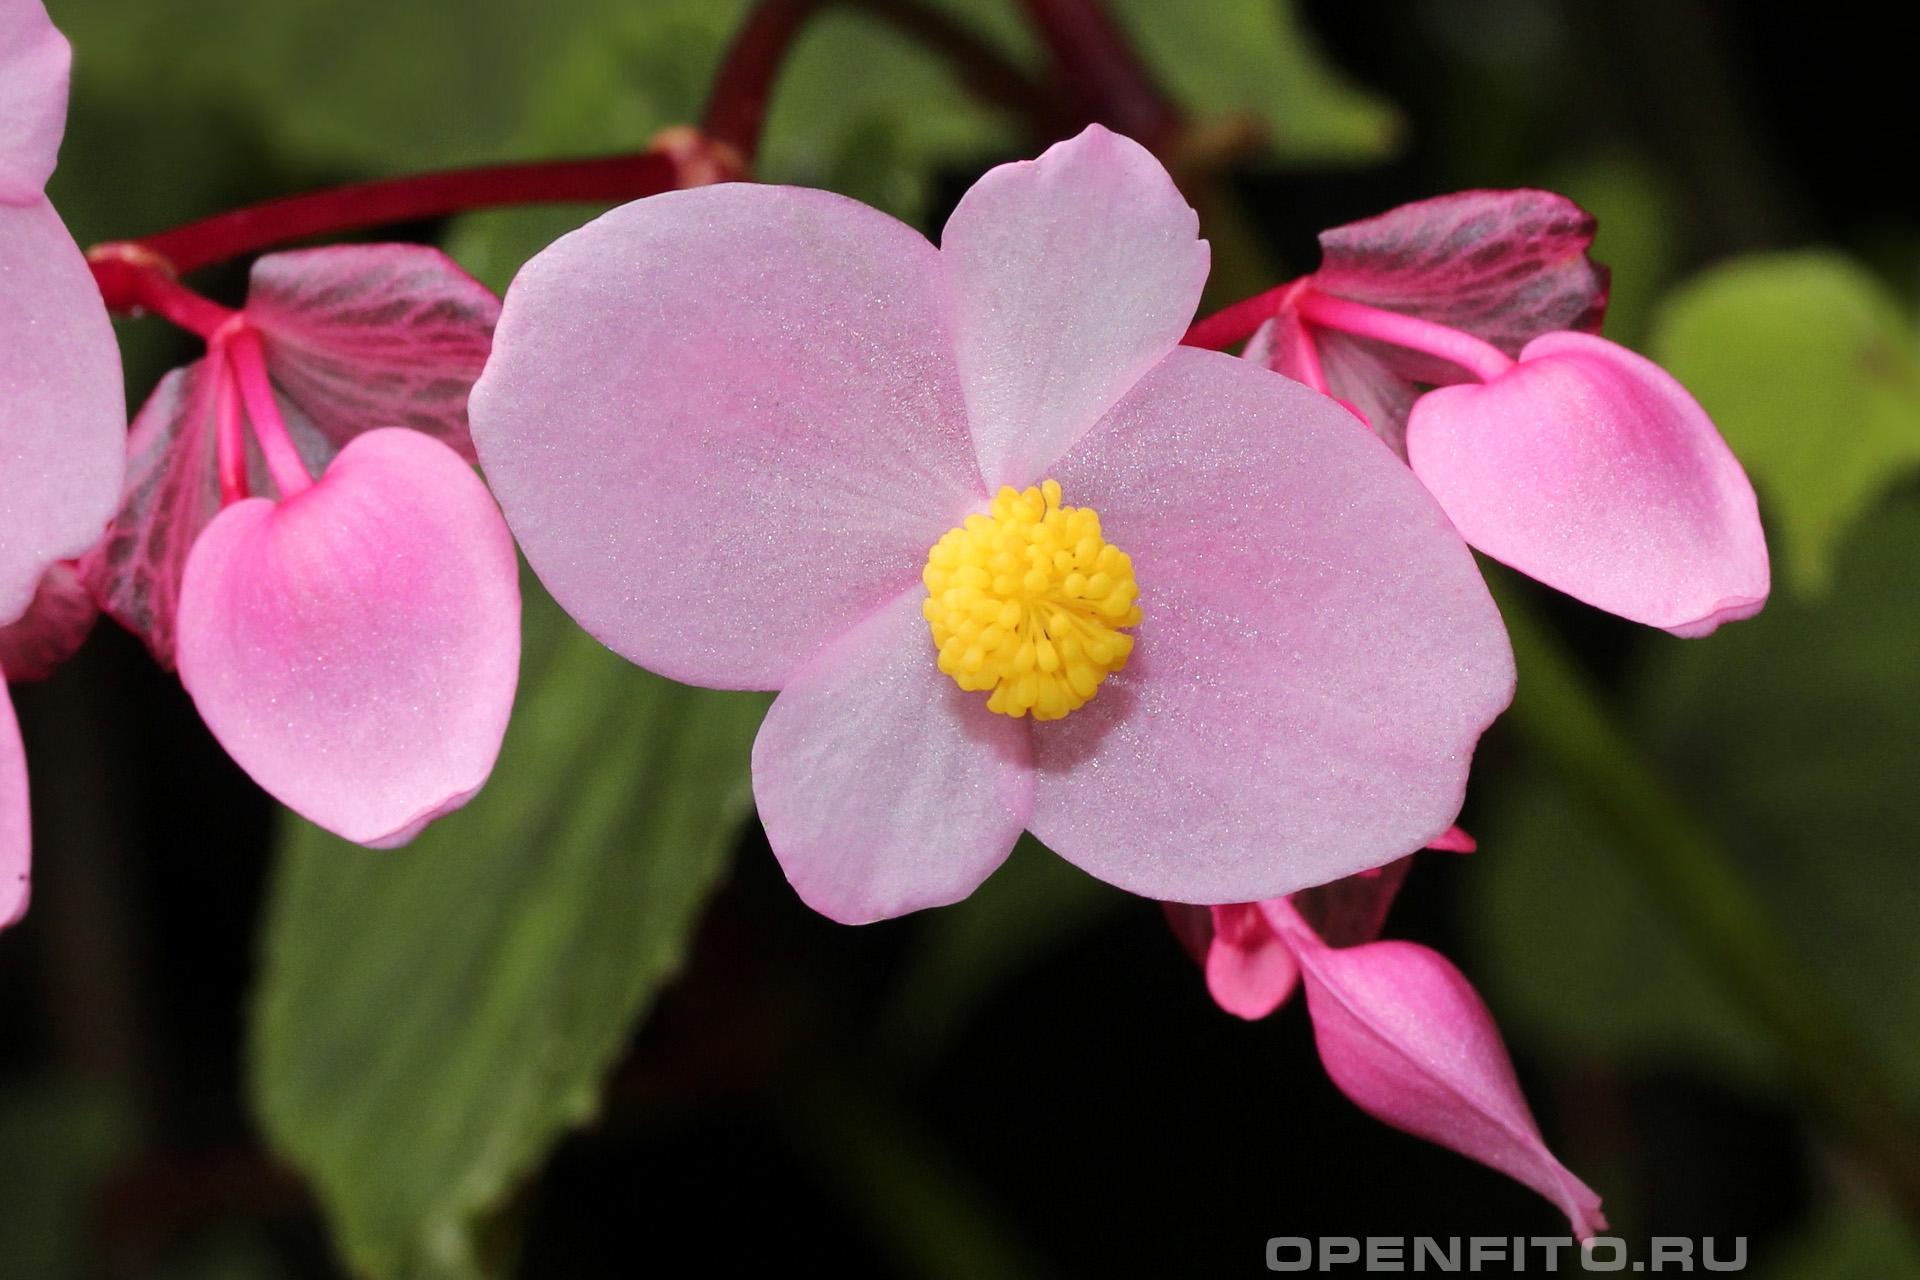 Бигония садовая <p>популярный садовый и домашний цветок, другое название: Бегония вечноцветущая</p>